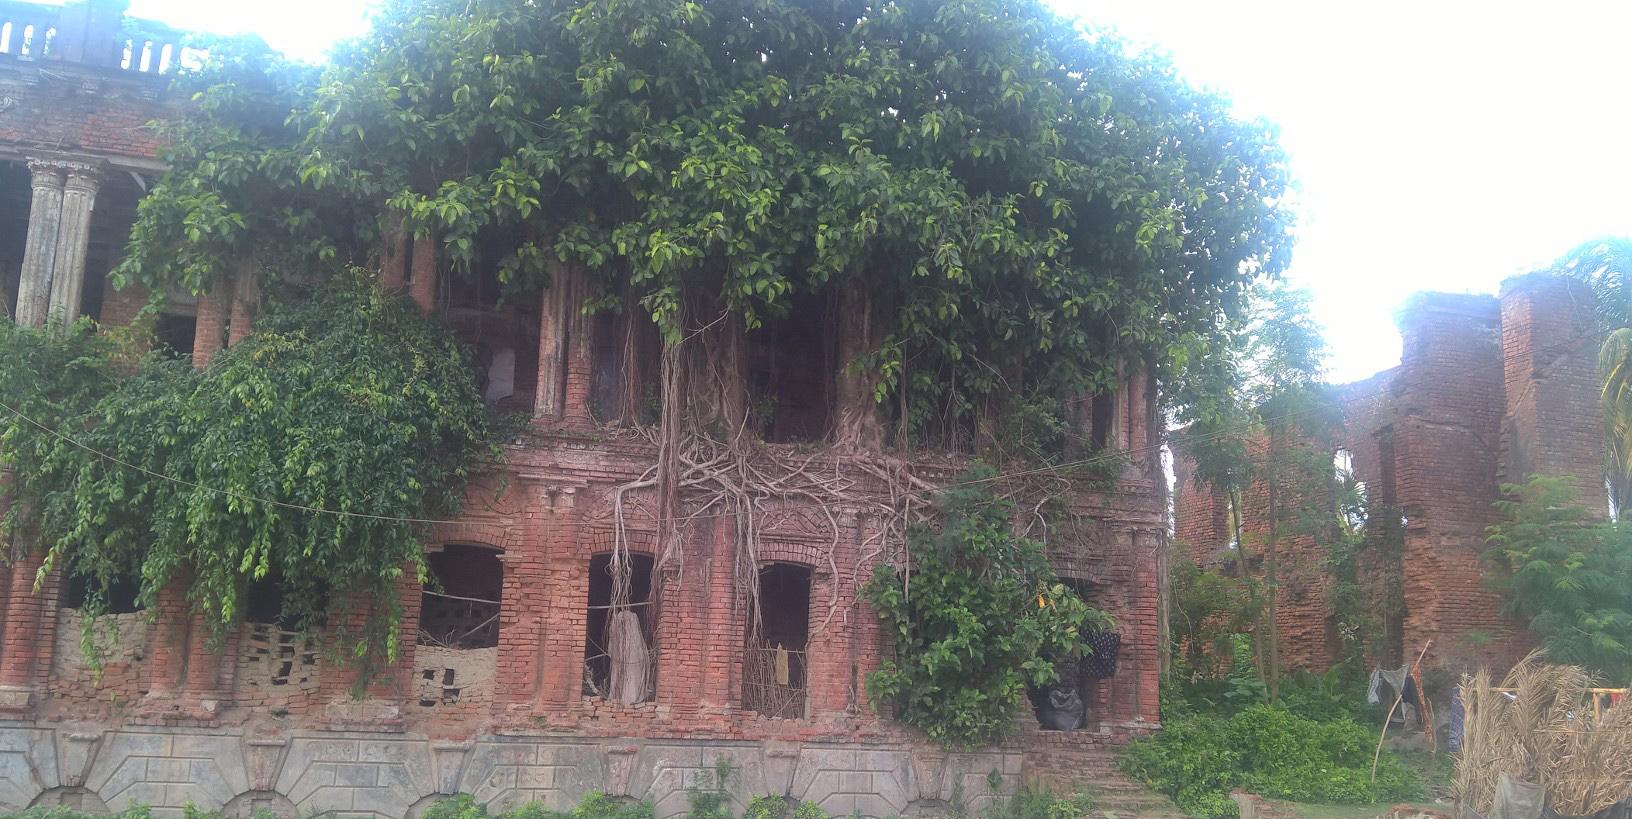 ক্যাপশন নিউজ: নকীপুরের রায়বাহাদুর হরিচরণ রায় চৌধুরী